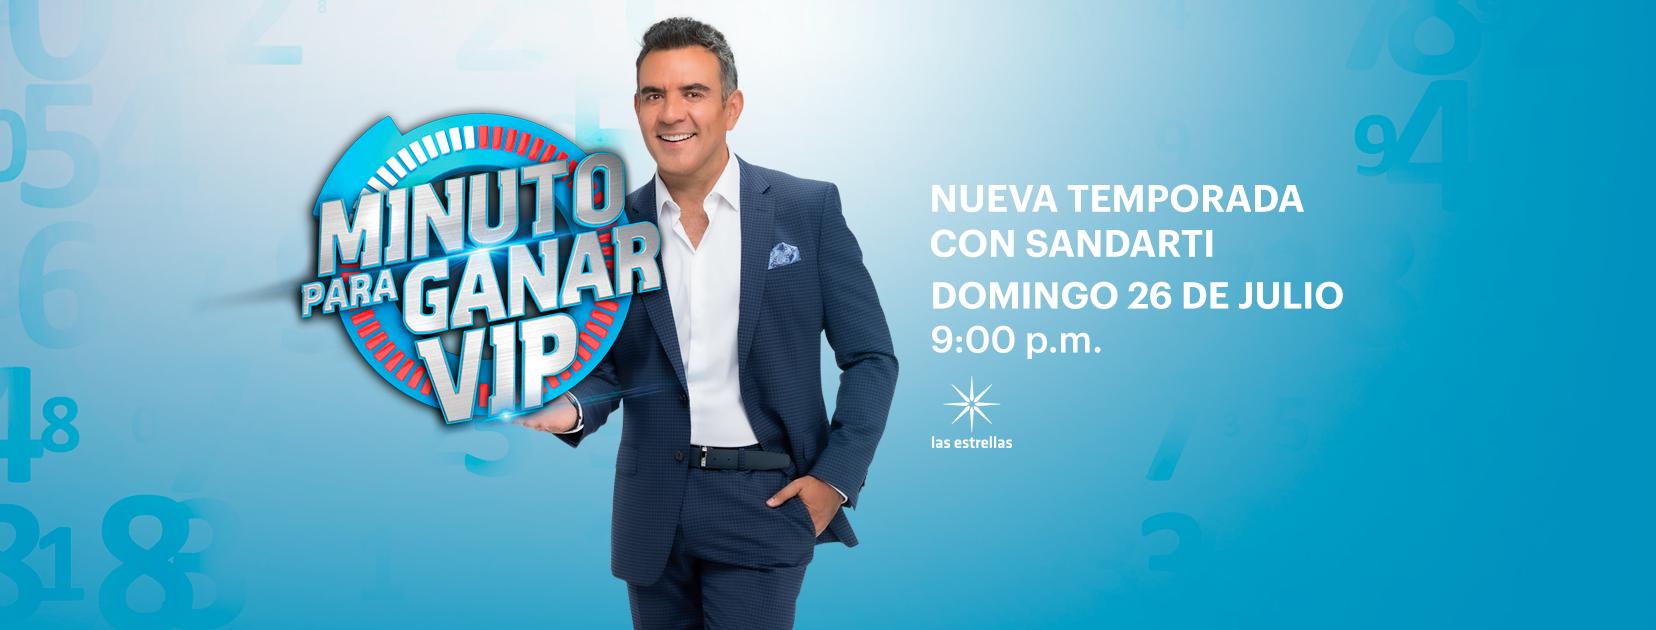 """Este domingo 26 de junio se estrena la nueva temporada de """"Minuto para ganar VIP"""""""